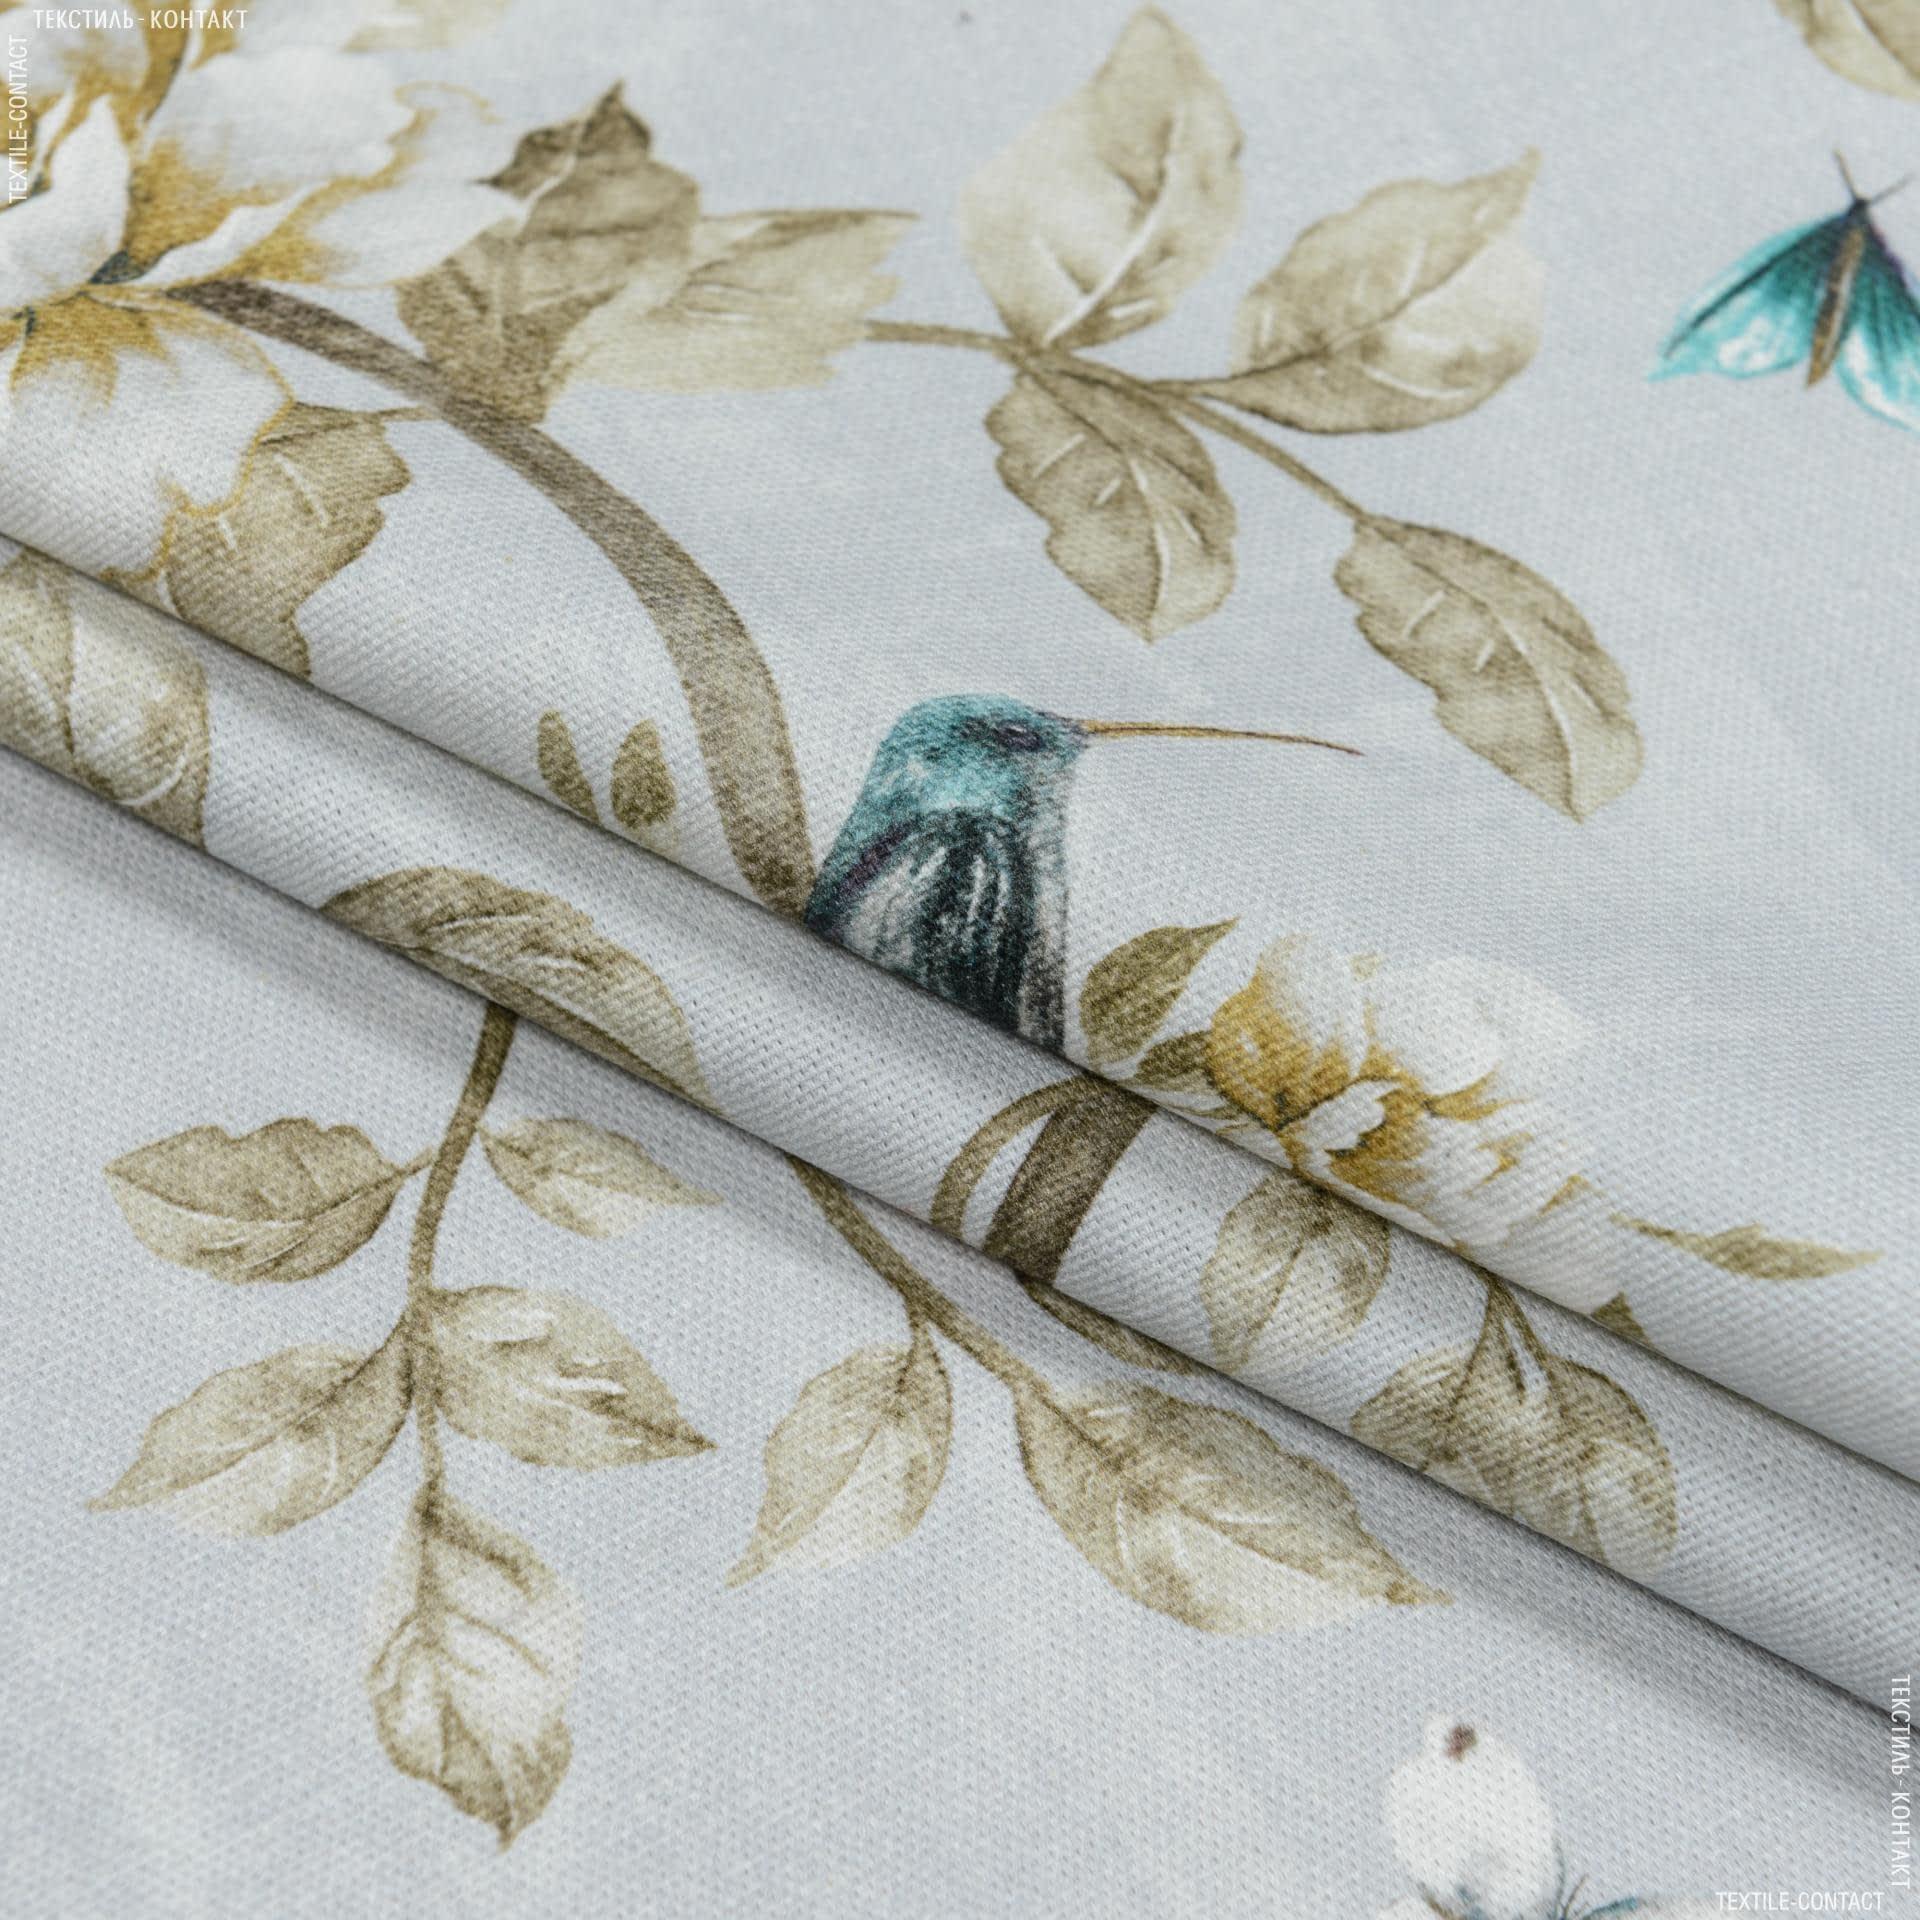 Тканини портьєрні тканини - Декоративна тканина квіти колібрі / тон св.сірий